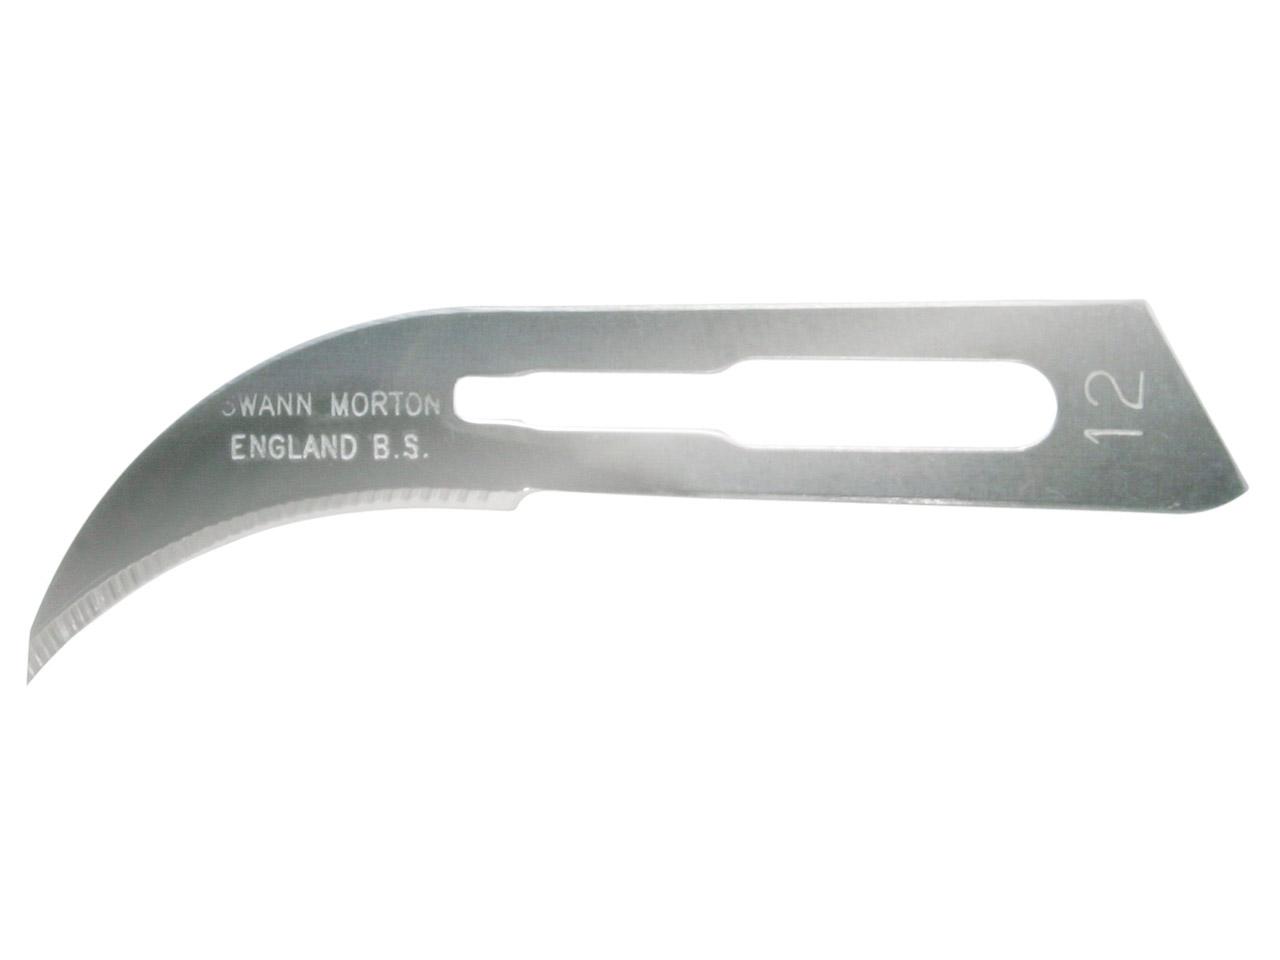 Swann Morton NON-STERILE Surgical Blades No 12 (Box of 100) Product No 0104